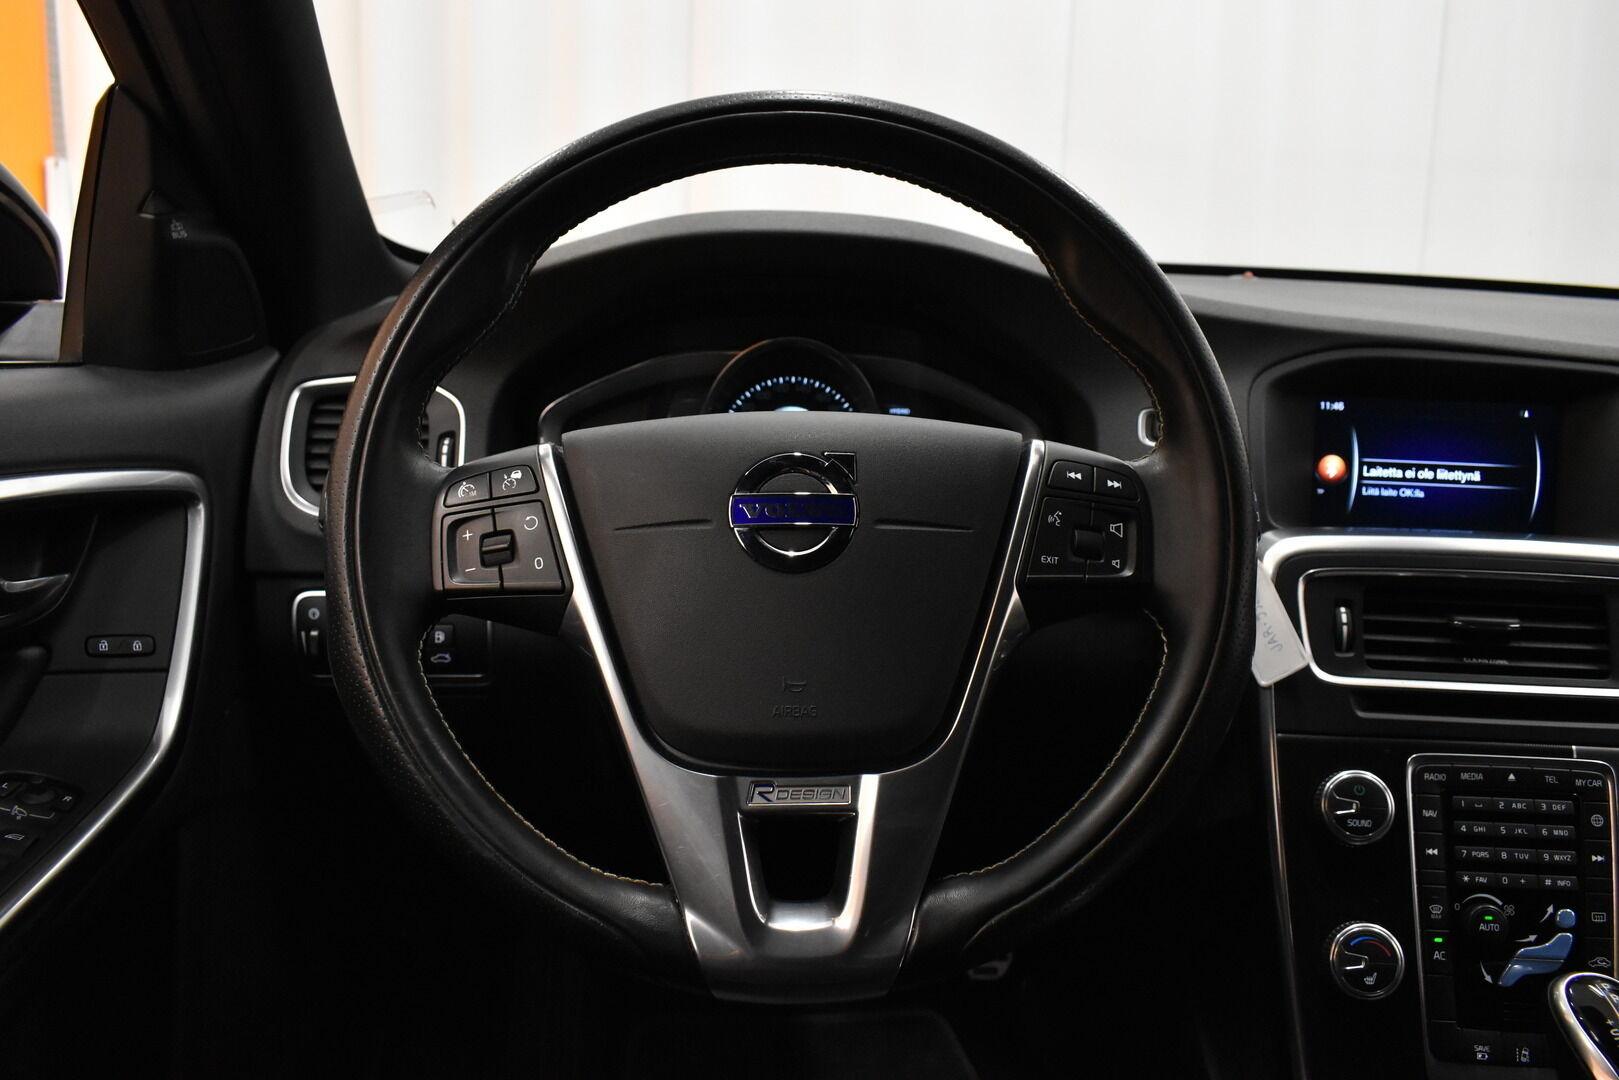 Musta Farmari, Volvo V60 – JÄR-93292, kuva 16